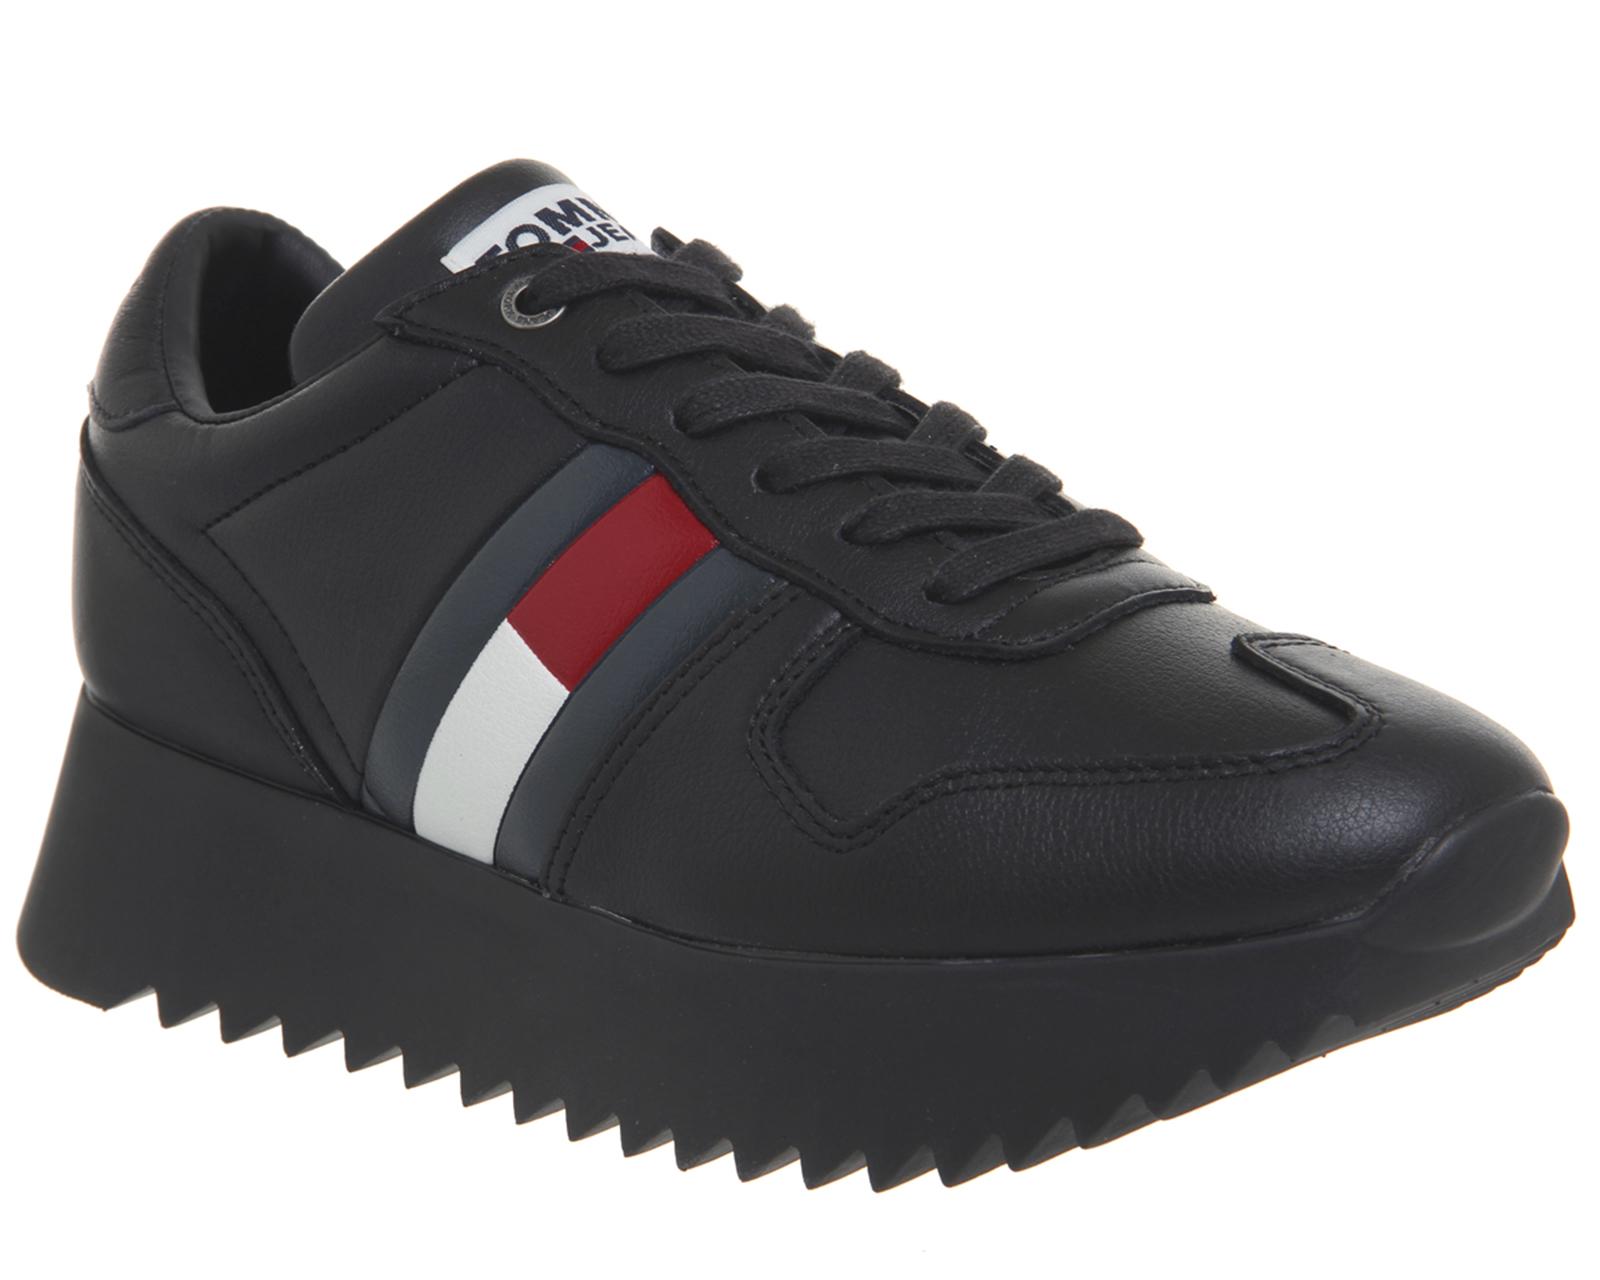 f0498caf630 Detalles de Zapatillas Para Mujer Tommy Hilfiger Alto Cleated Negro Rojo  Blanco Zapatillas Zapatos- ver título original